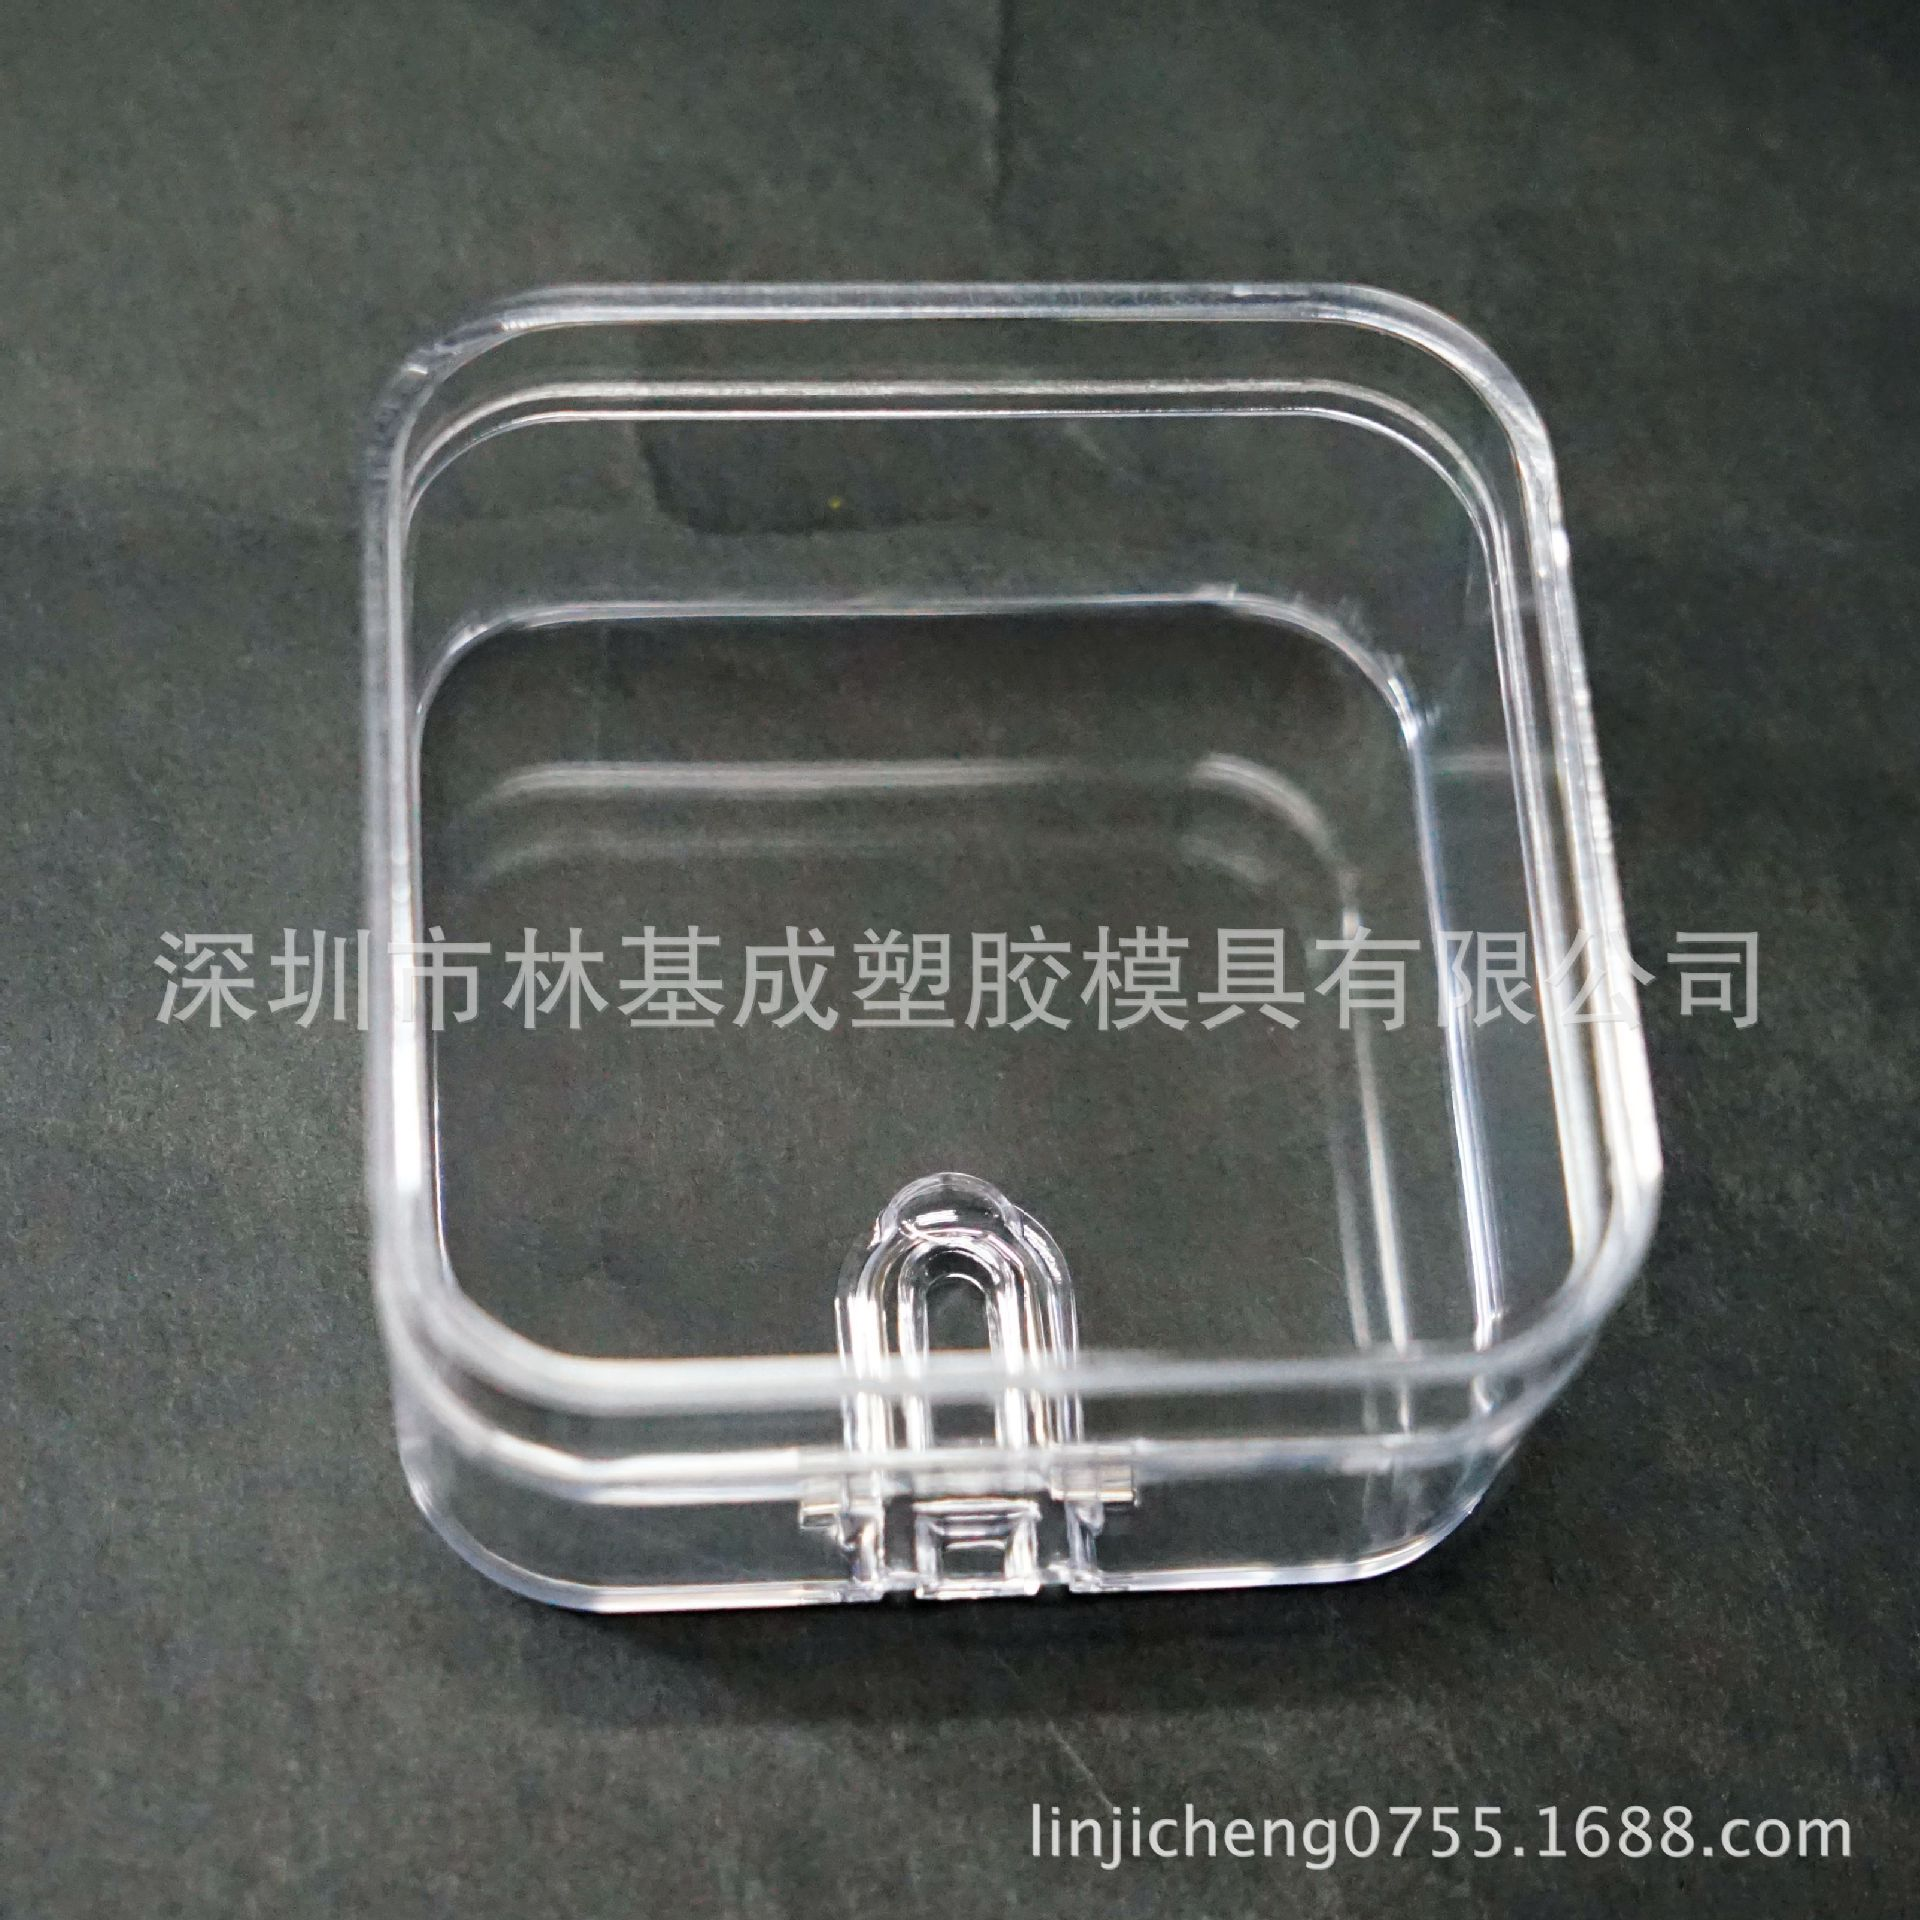 五金挂钩水晶盒 林基成 透明包装盒